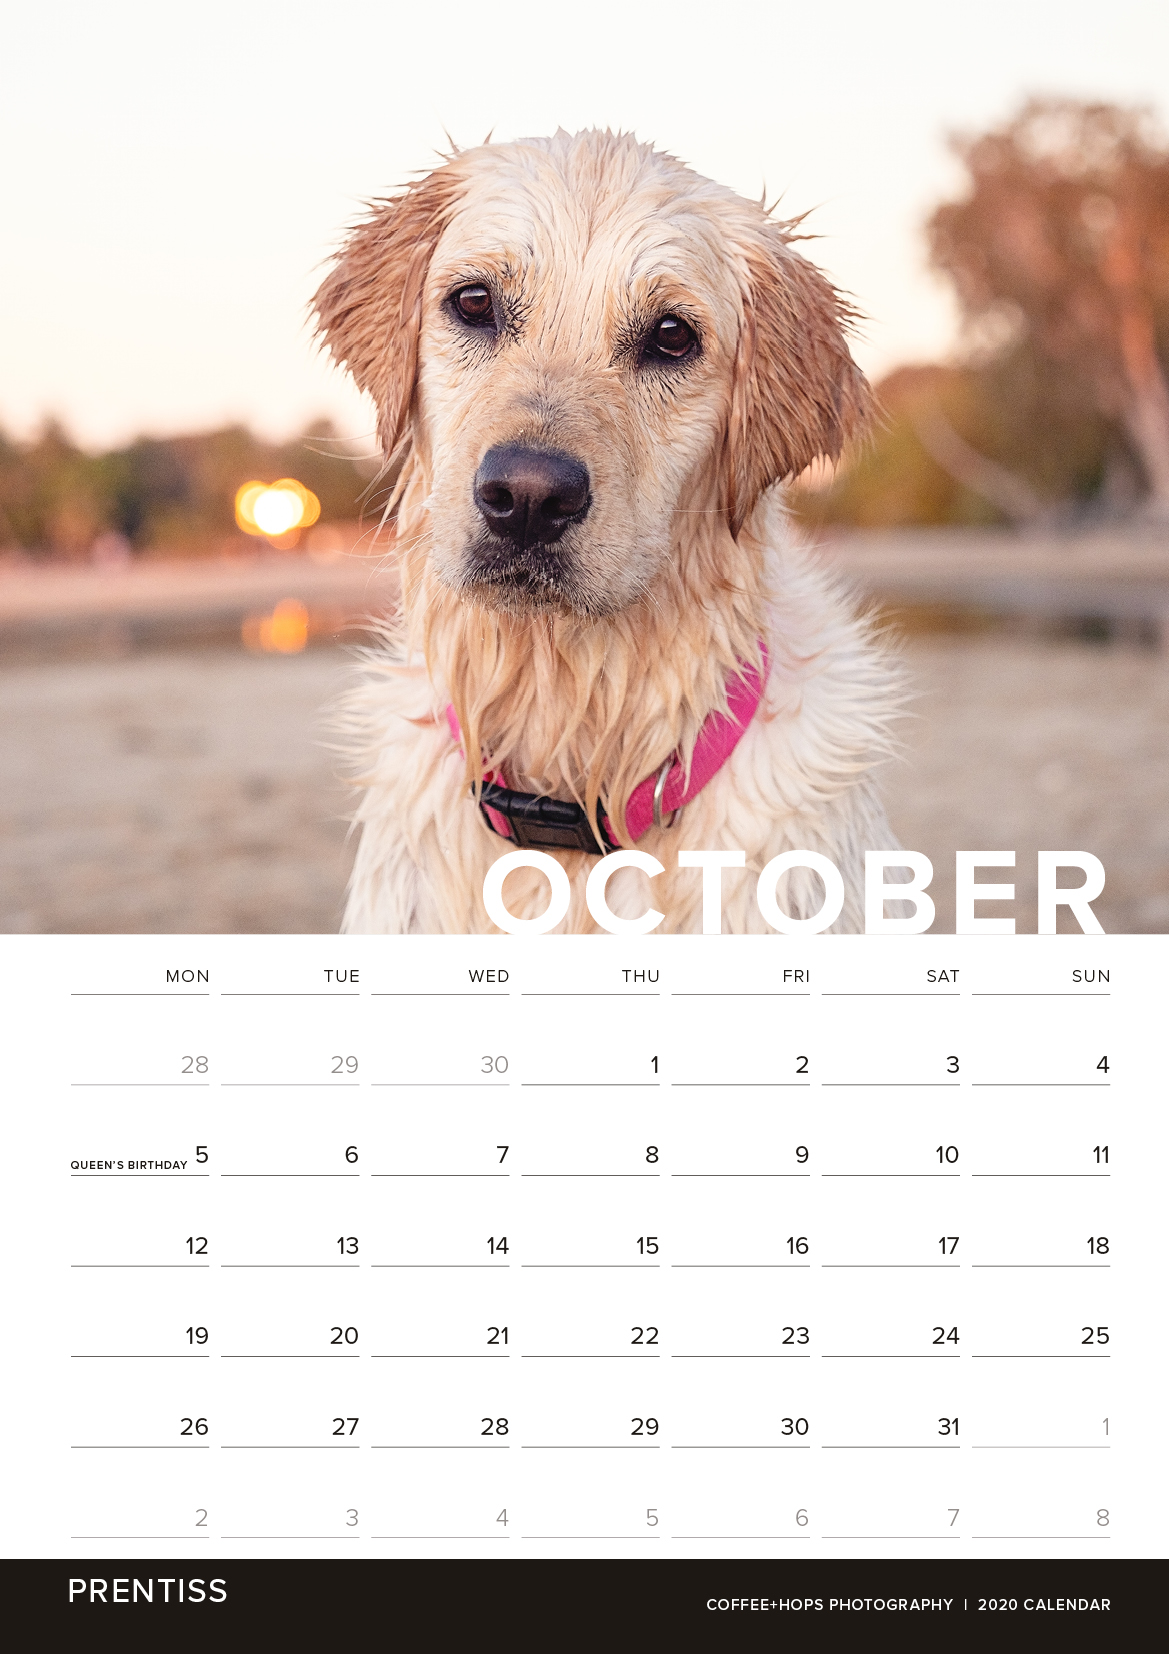 2020-calendar-internals10.jpg